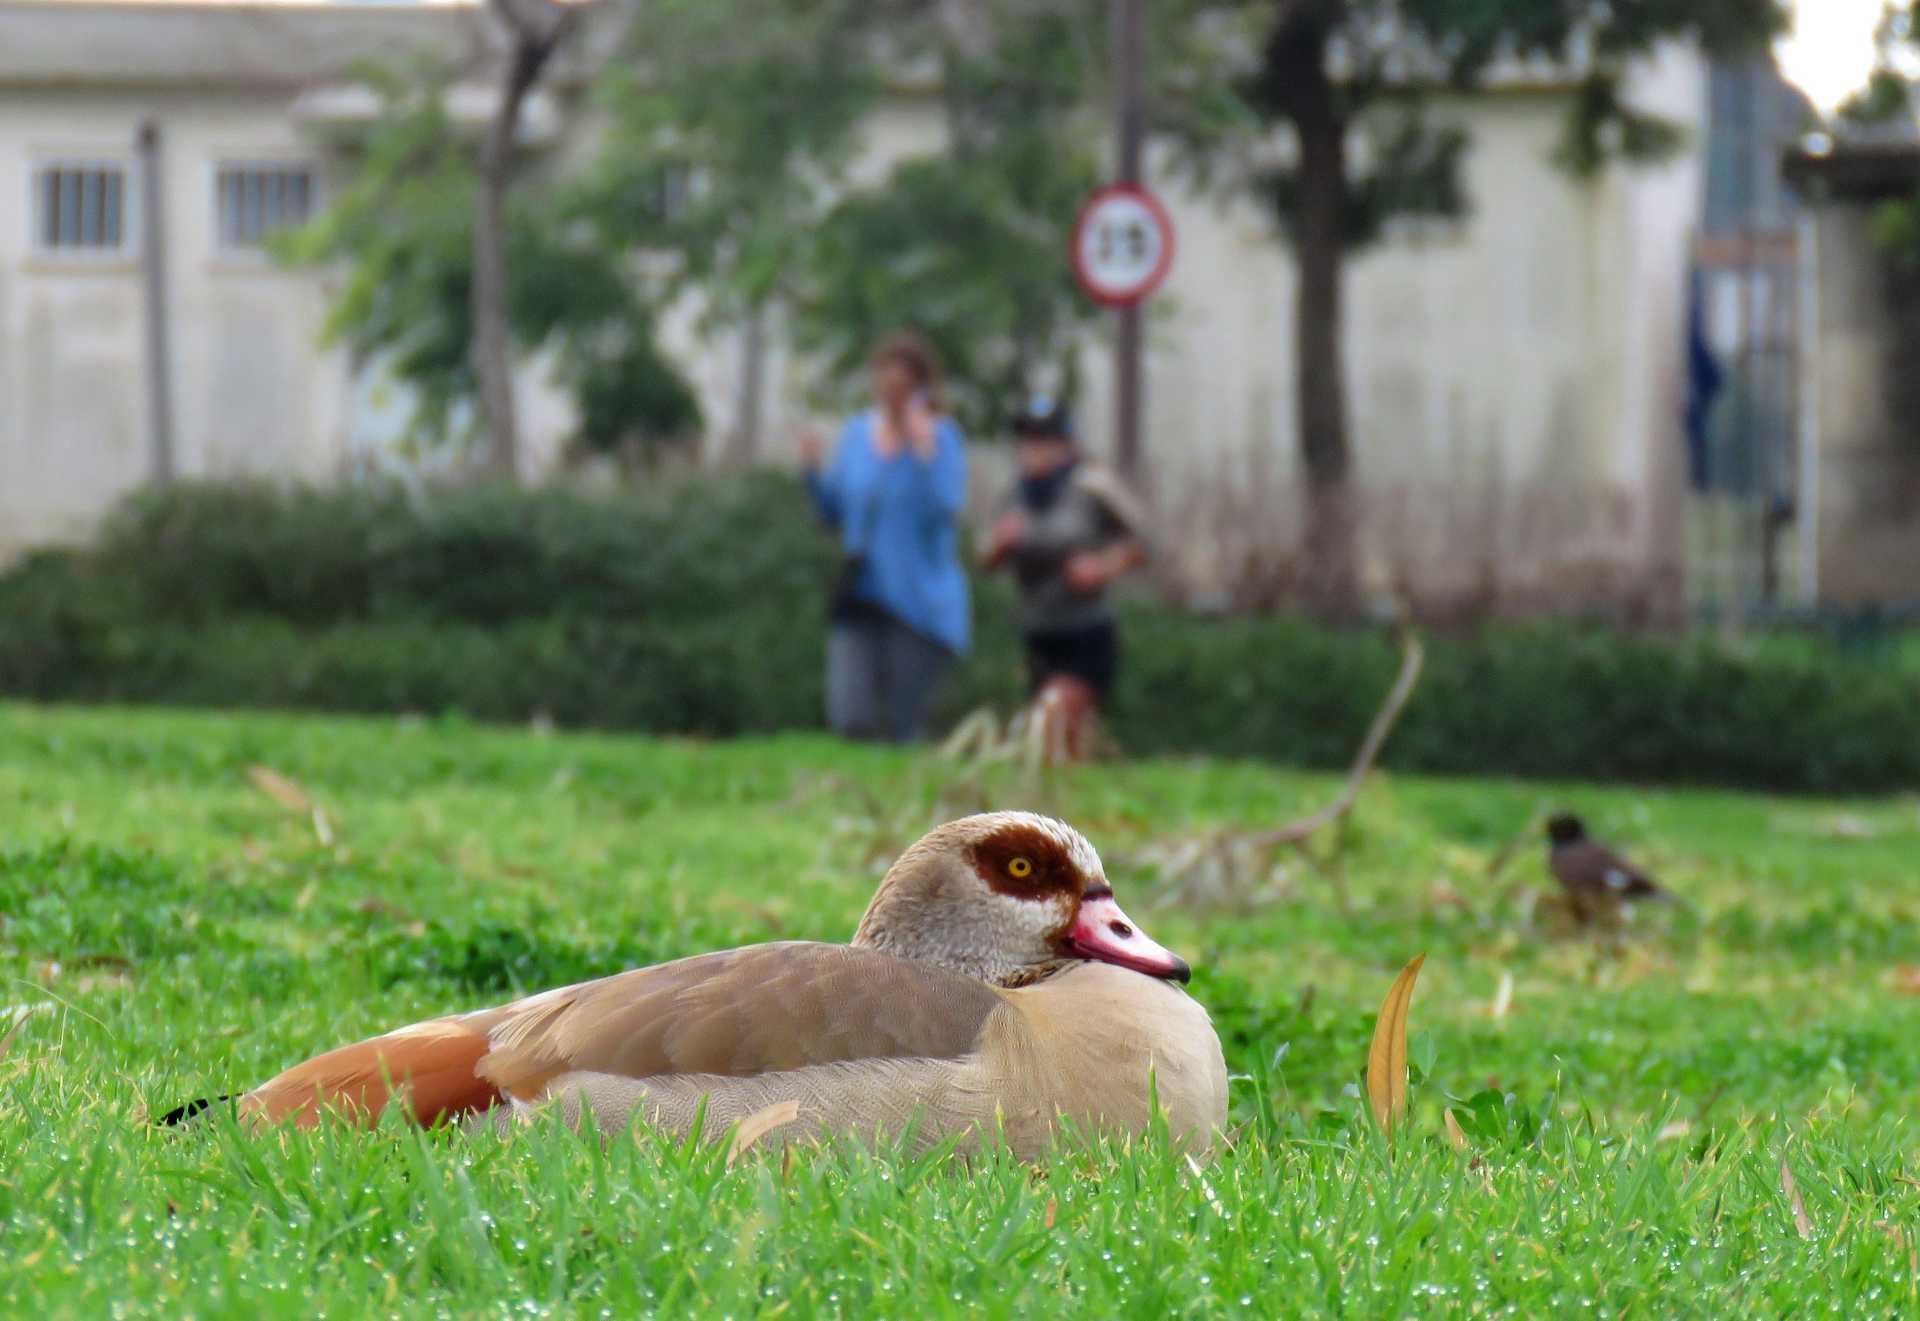 תקריב של ברווז על הדשא בהרצליה